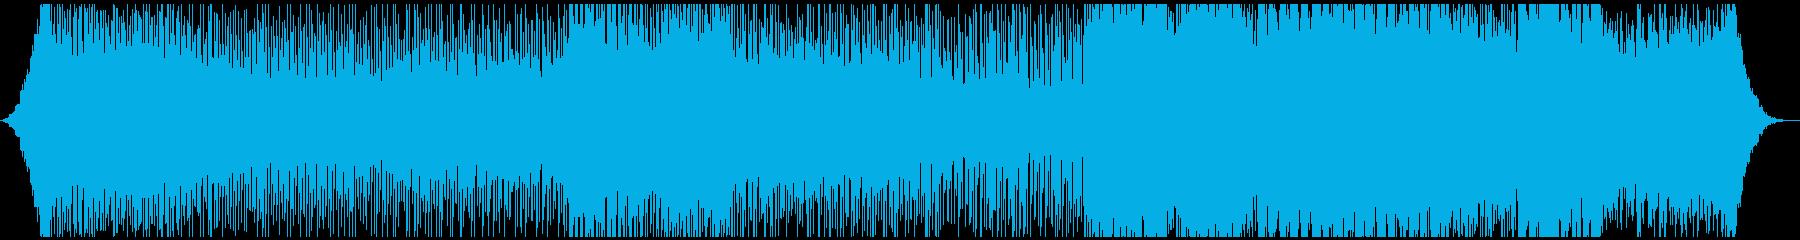 海外ドラマ・サントラ風エレクトロニカの再生済みの波形